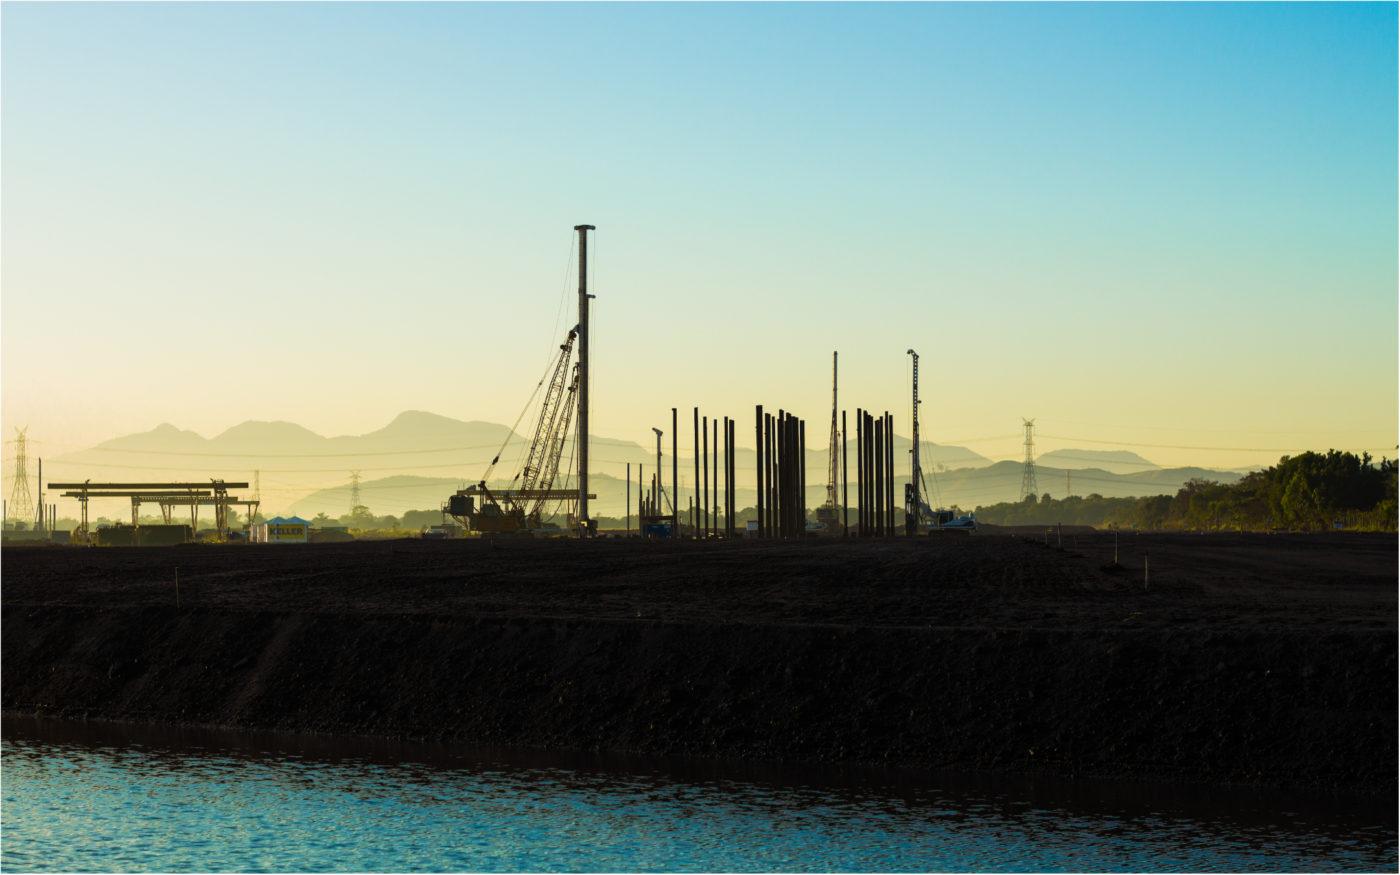 Edição de foto construção civil